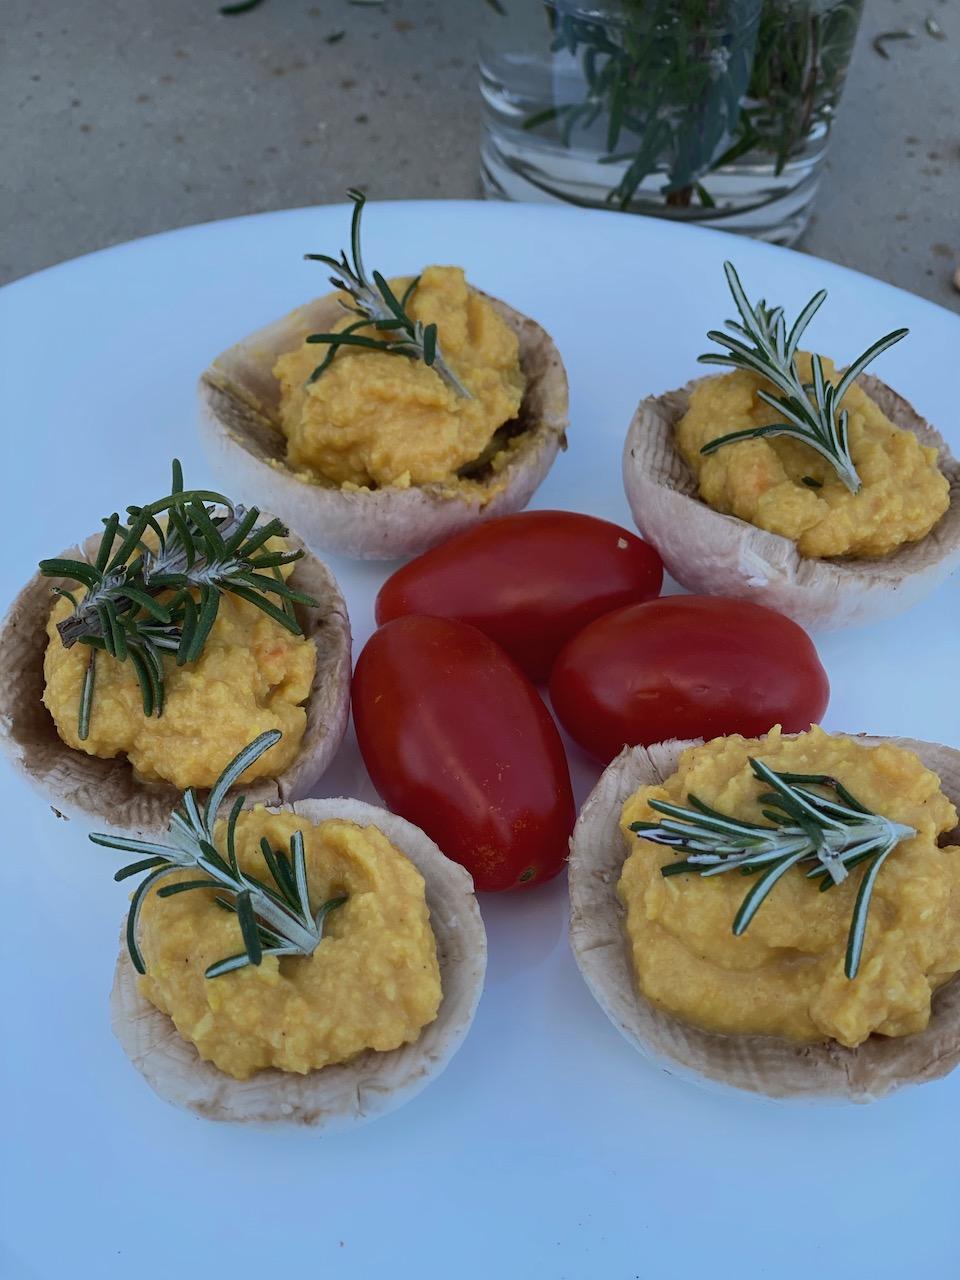 μανιτάρια σε πιάτο με χουμους